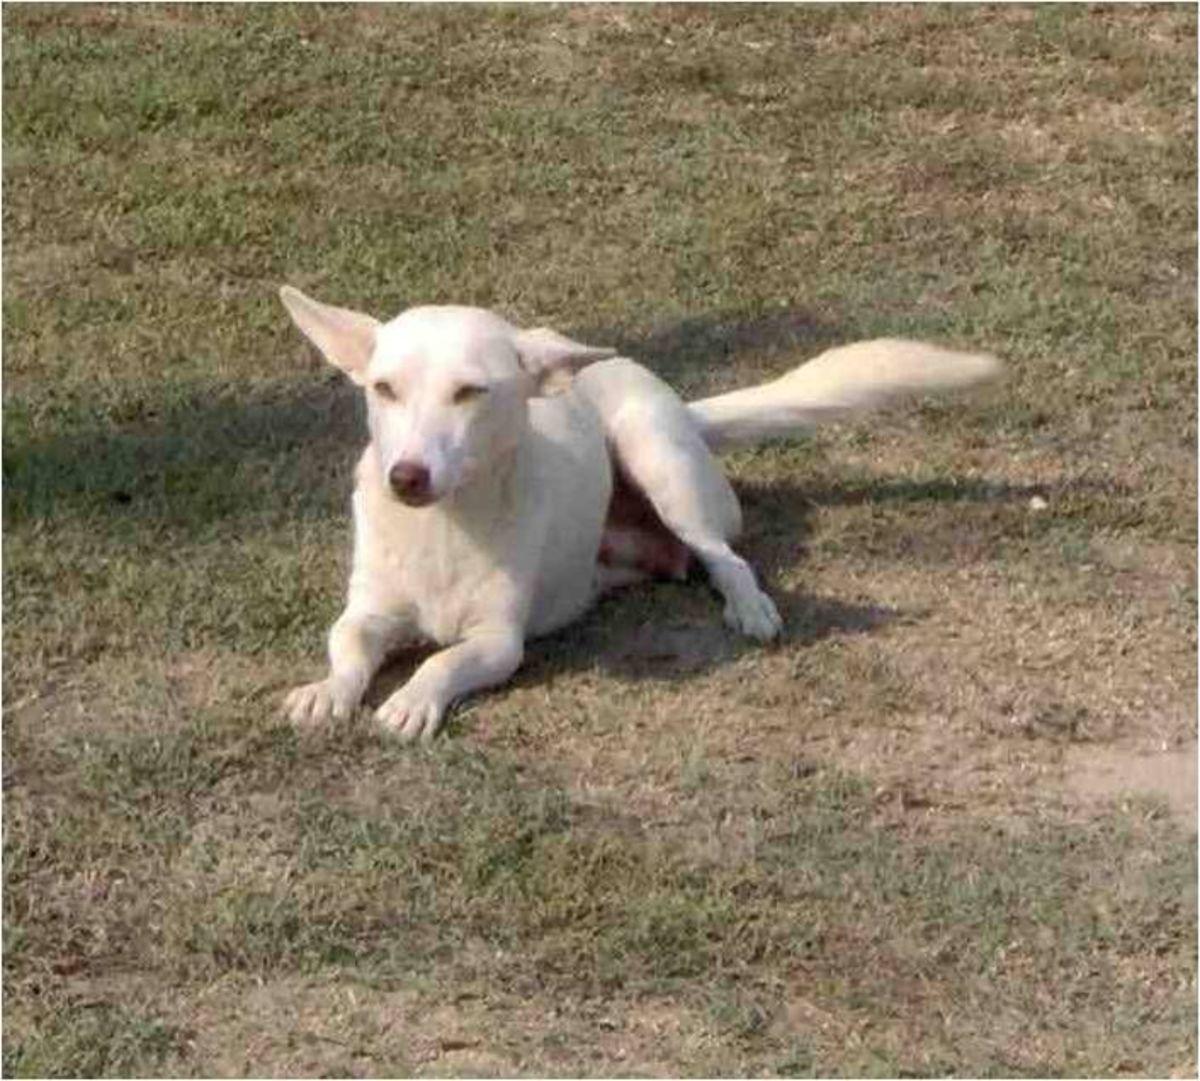 Σπάνια αρχαιοελληνική φυλή σκύλων κινδυνεύει με εξαφάνιση | Newsit.gr